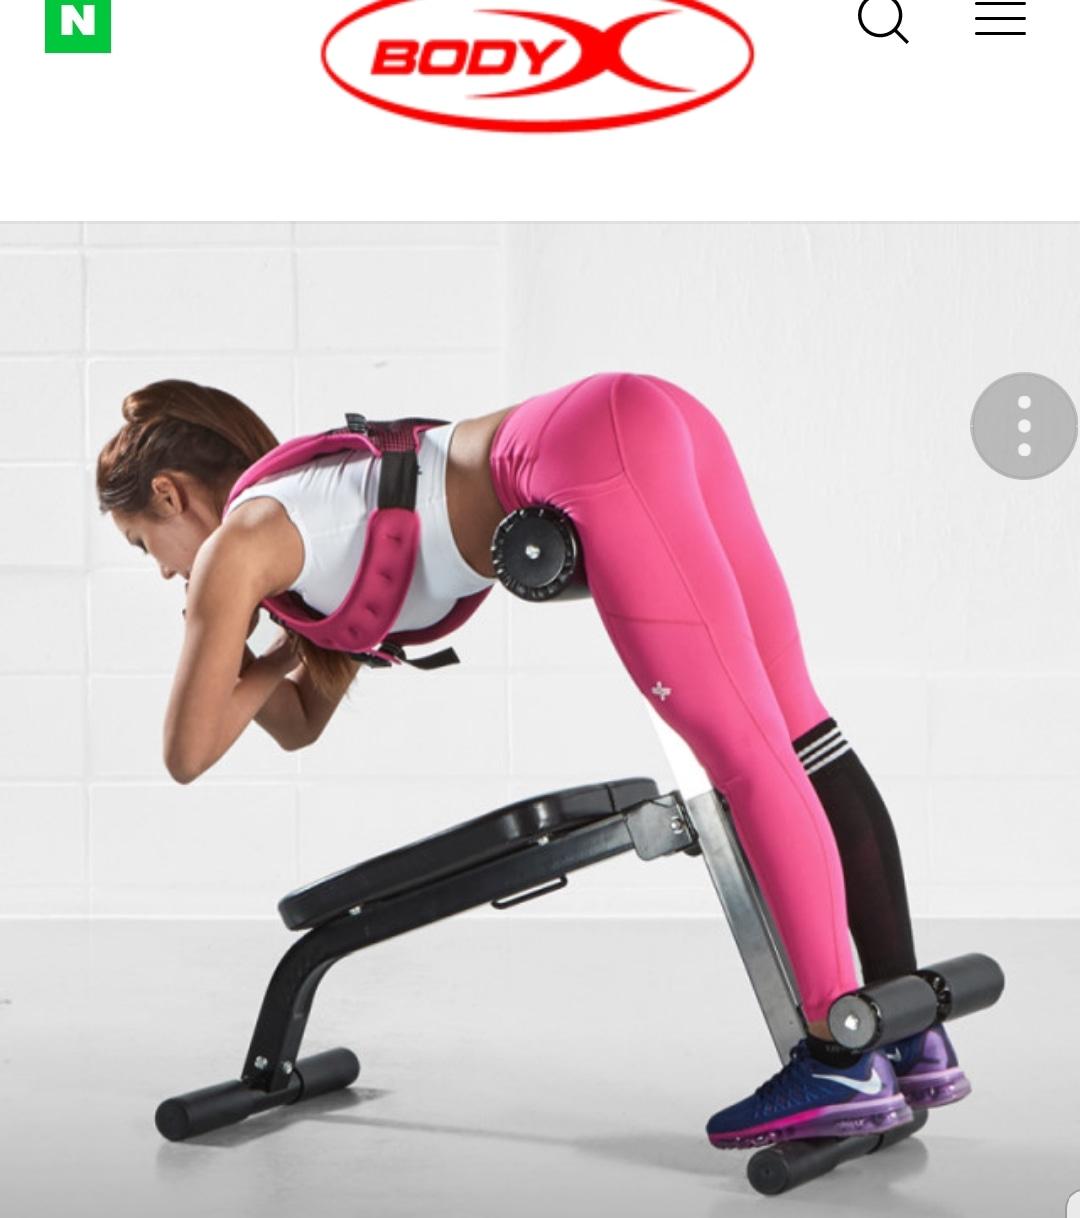 코어운동기구 - 백익스텐션 싯업프레스 등 허리운동 복근운동